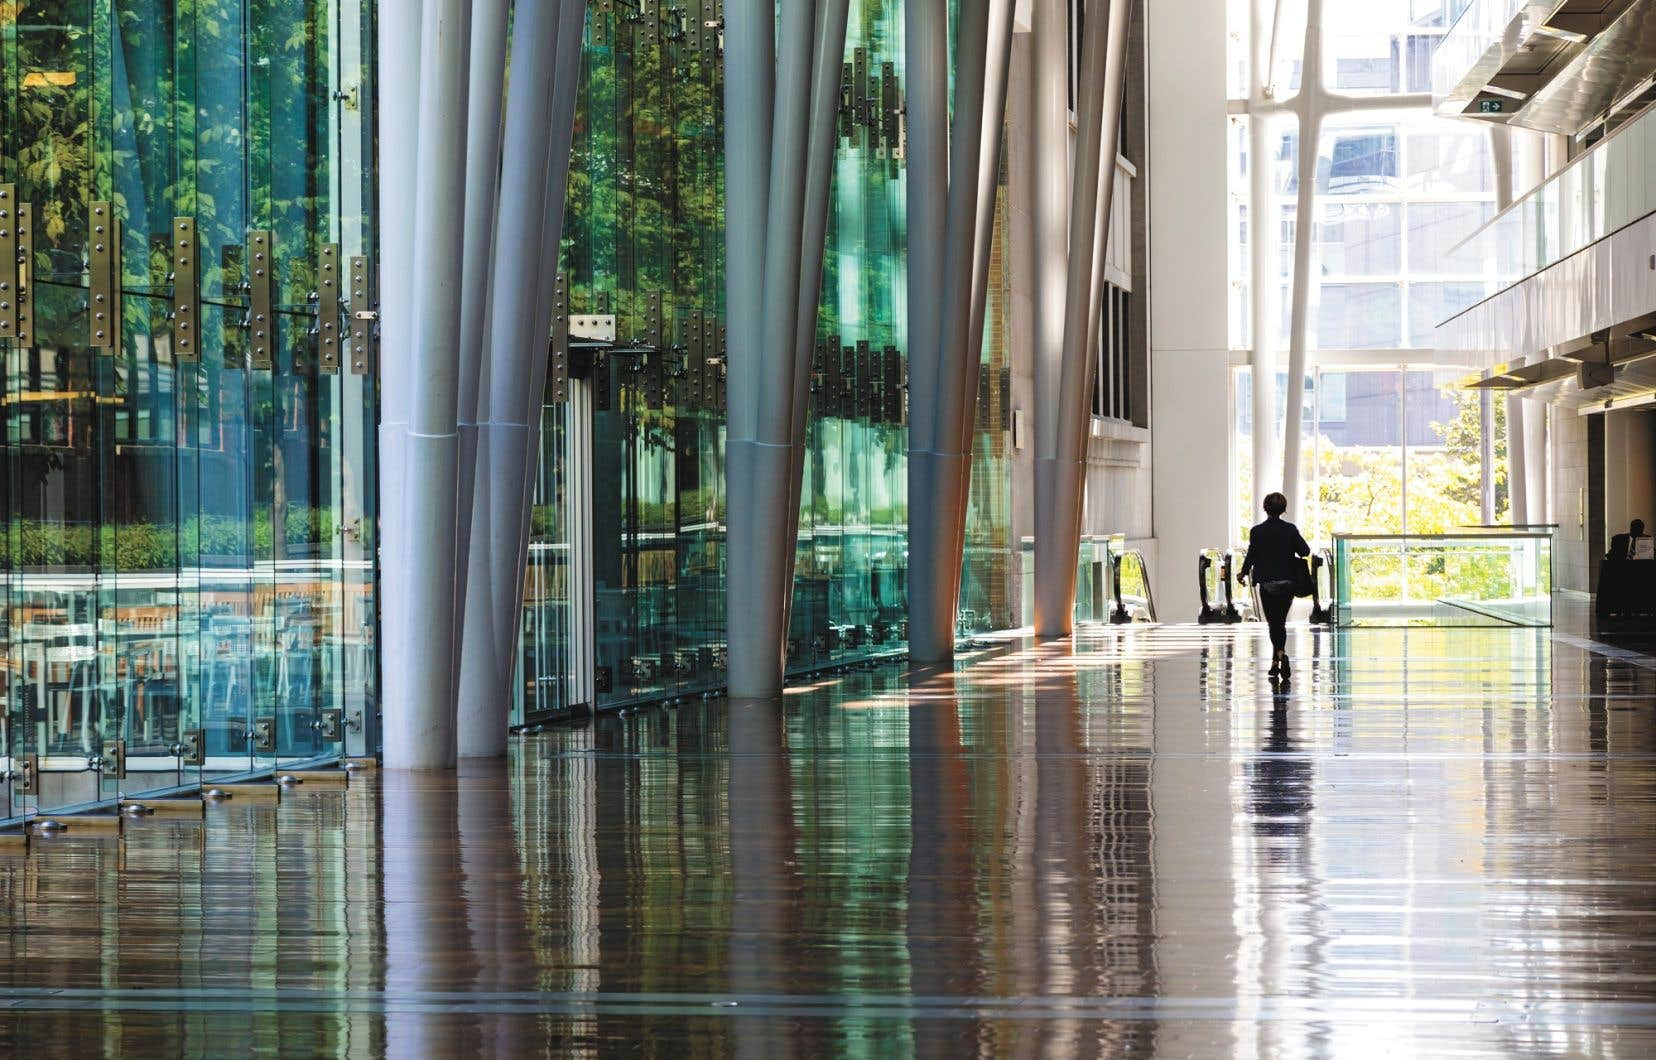 Avant la pandémie de COVID-19, le Palais des congrès de Montréal projetait de s'agrandir.